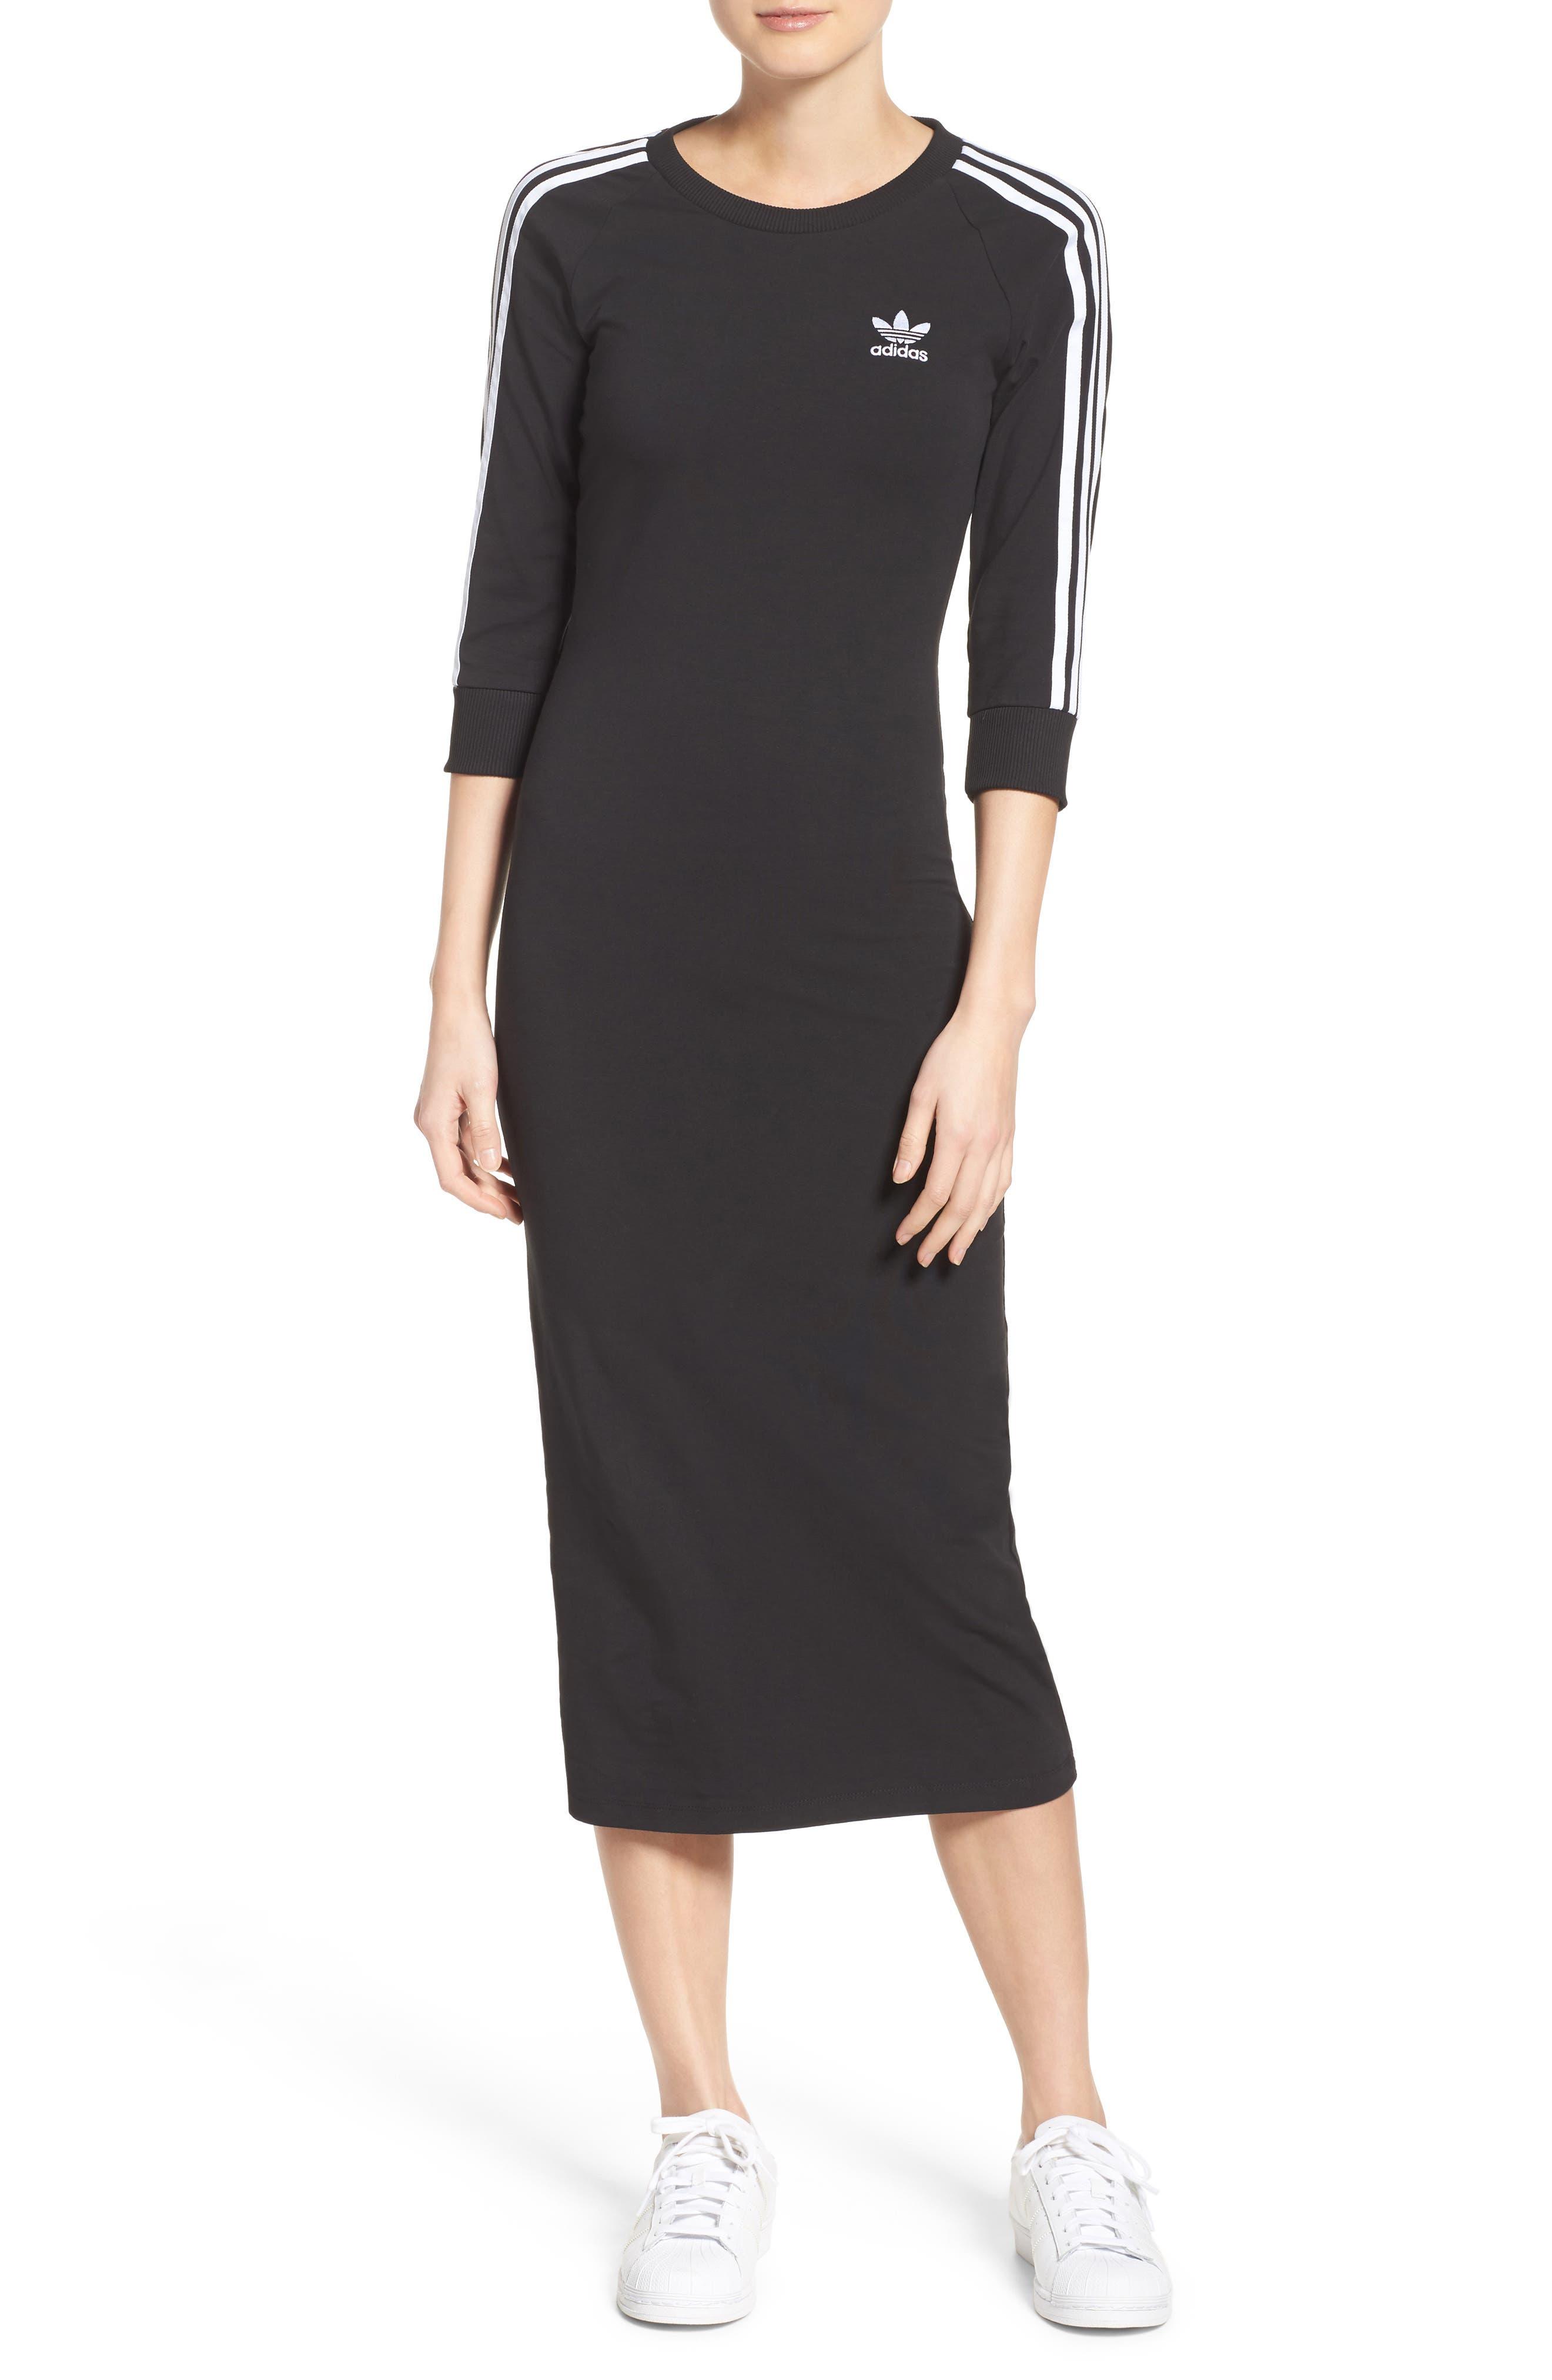 Main Image - adidas Originals 3-Stripes Dress